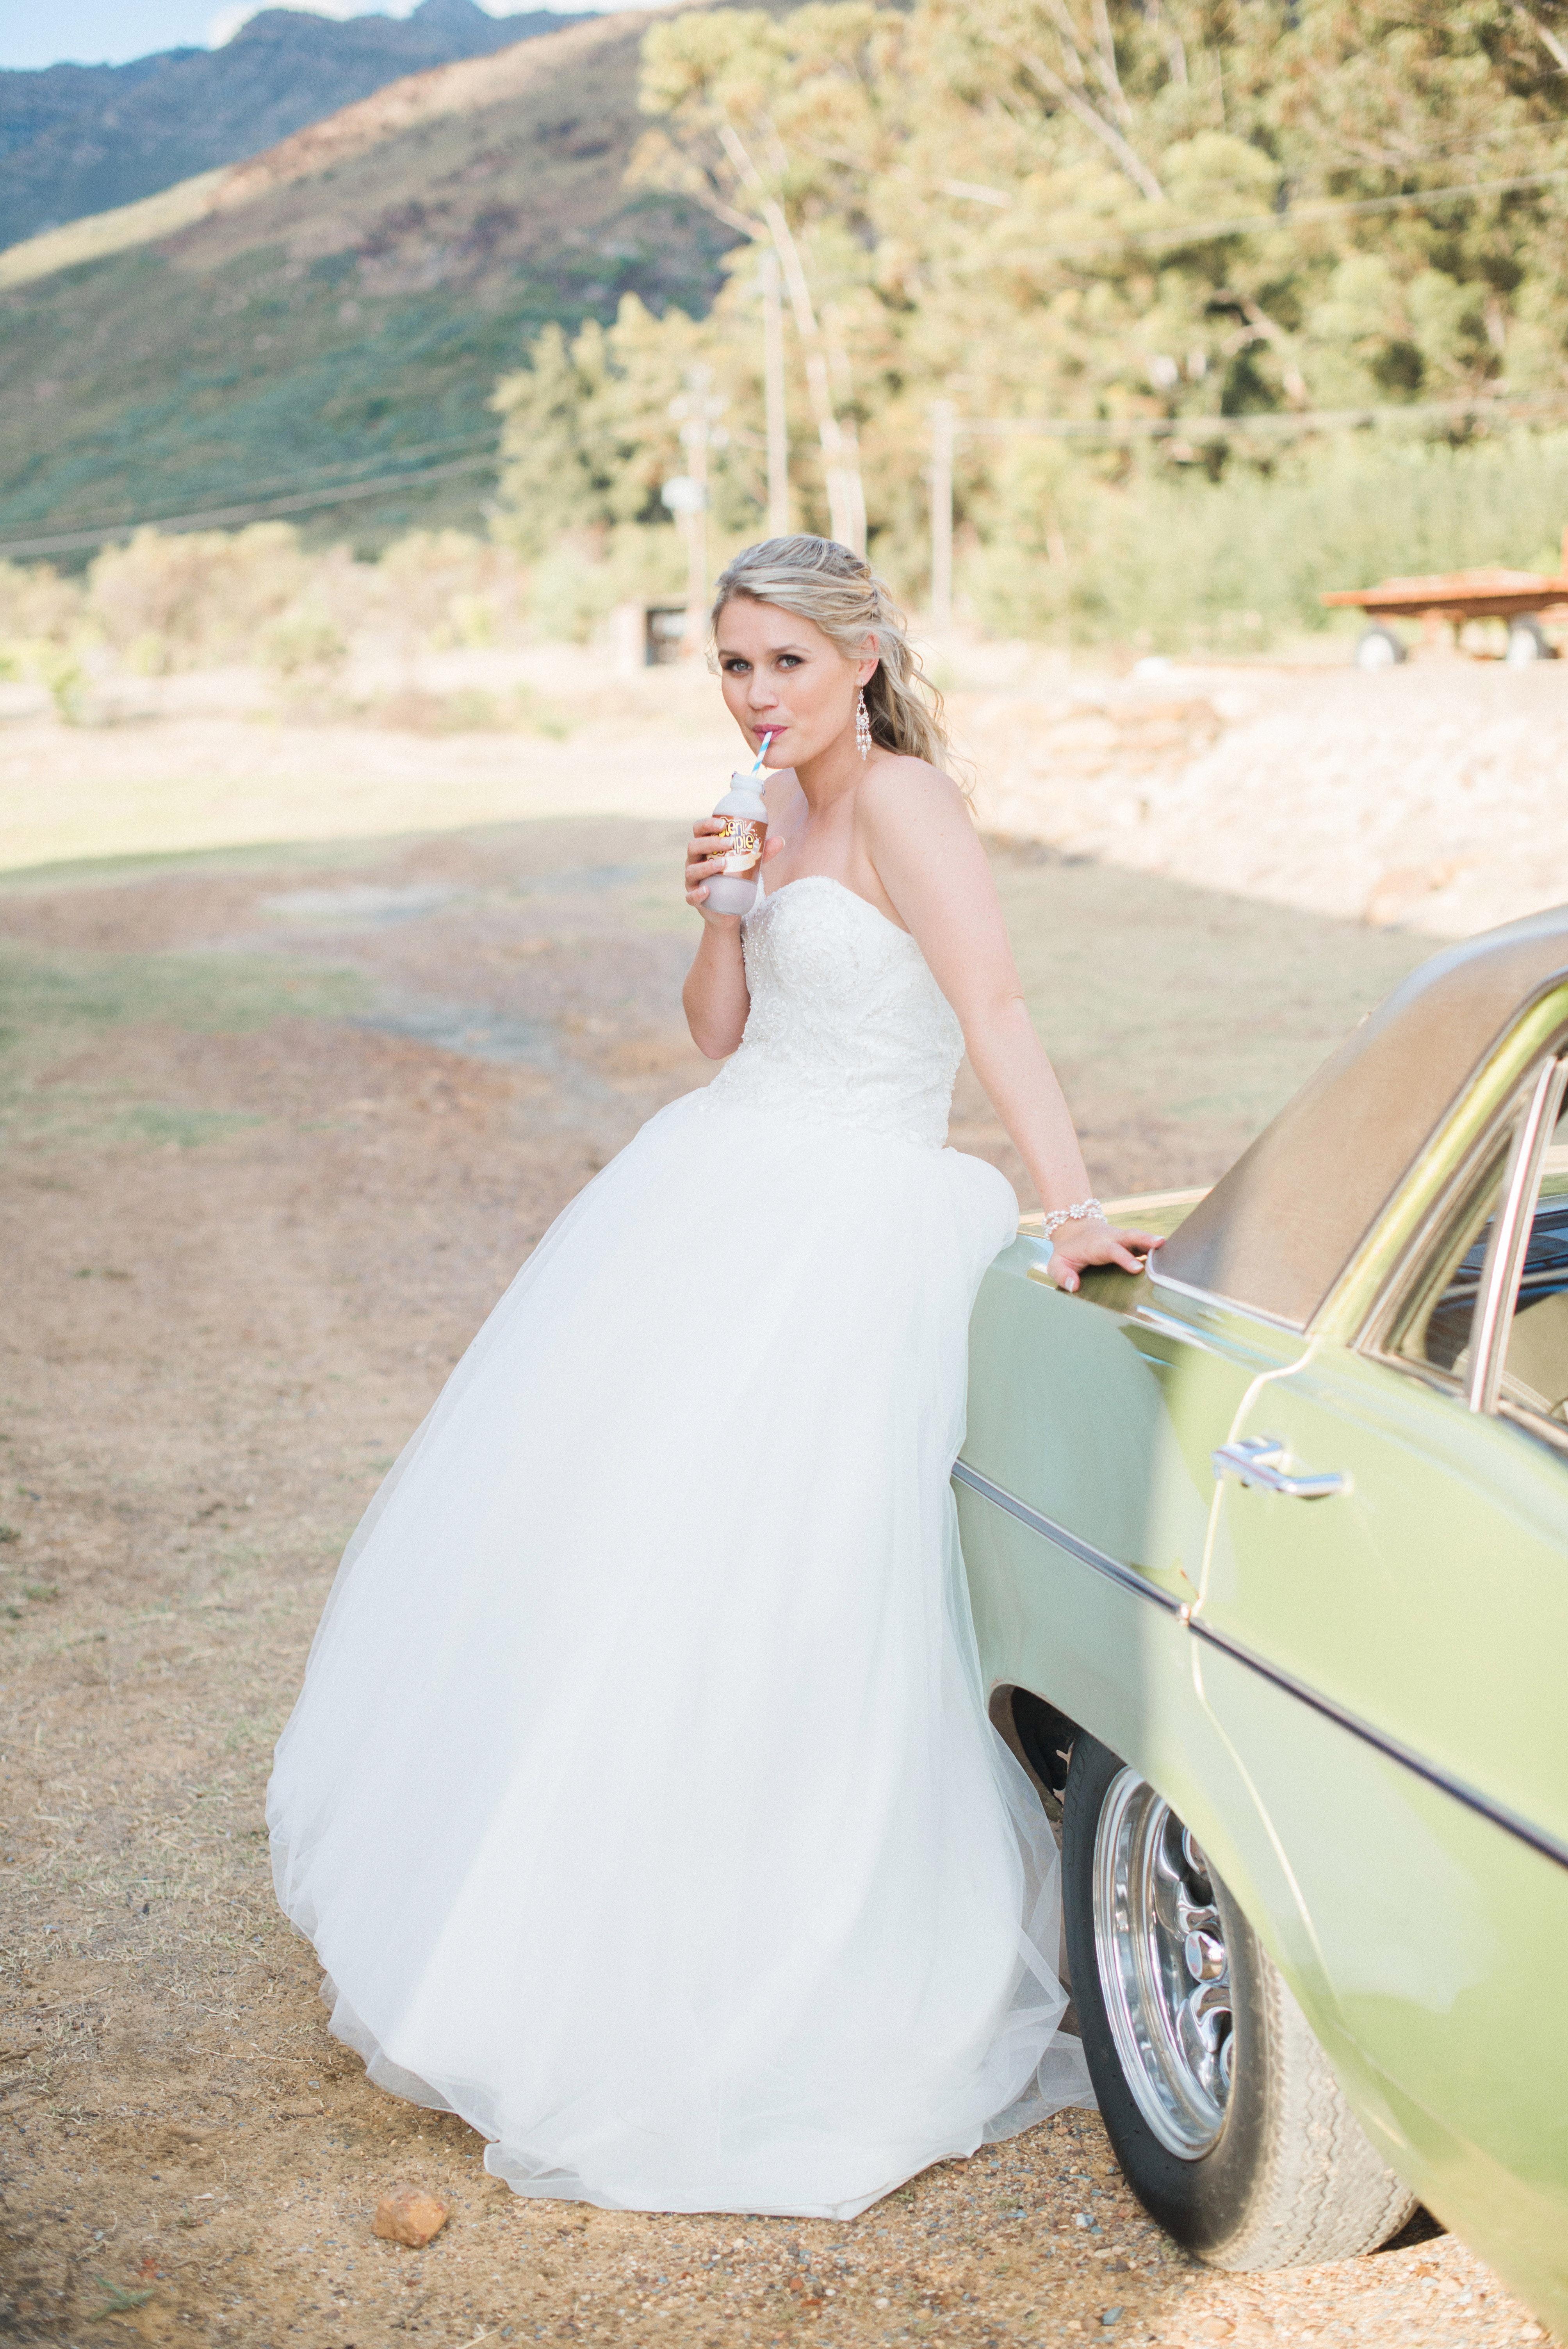 Kostenlose foto : Mann, Frau, Weiß, Hochzeit, Hochzeitskleid, Braut ...